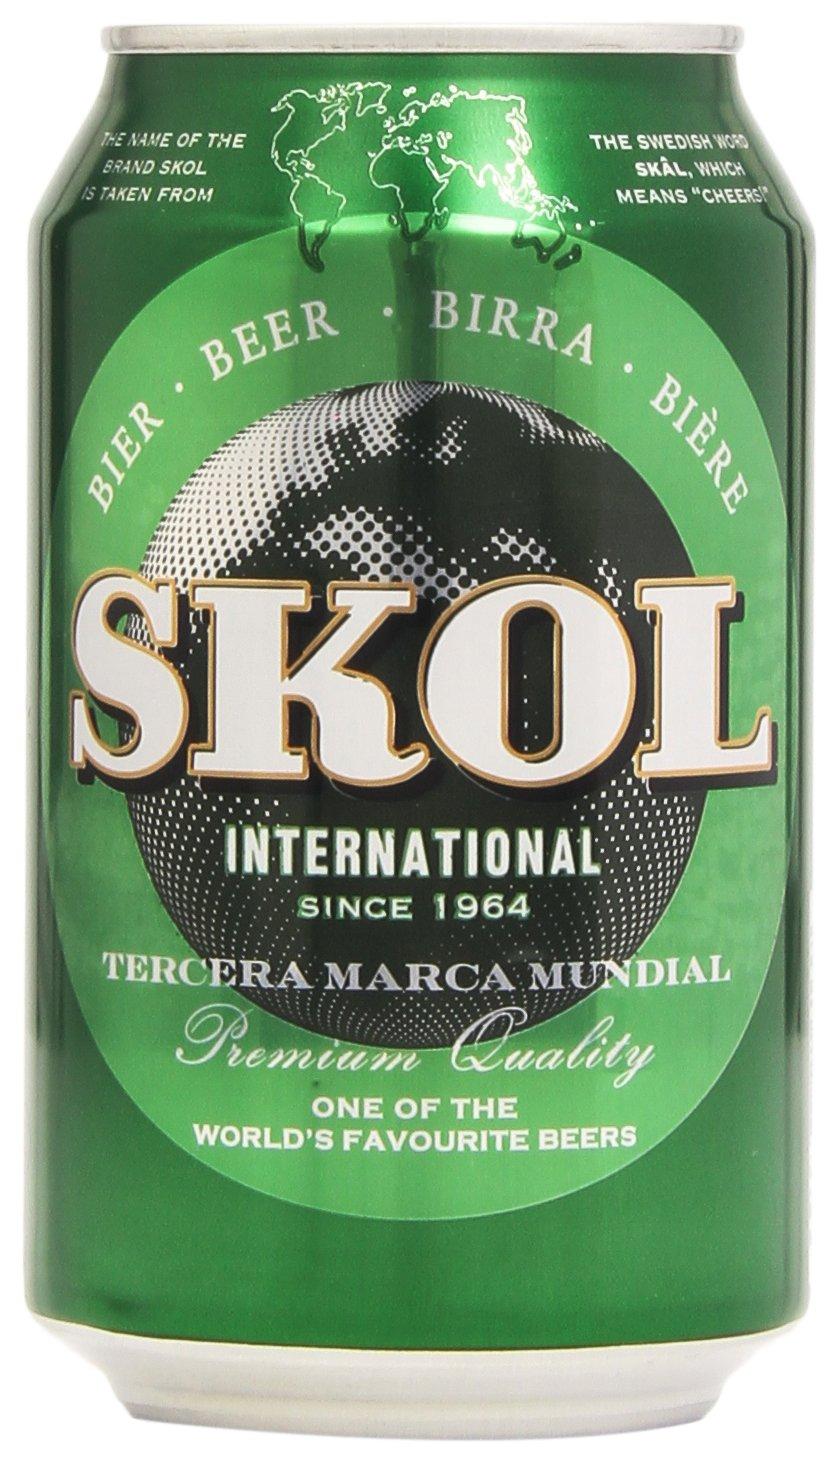 Skol - Cerveza - 4.6% Vol. - 330 ml: Amazon.es: Alimentación y bebidas